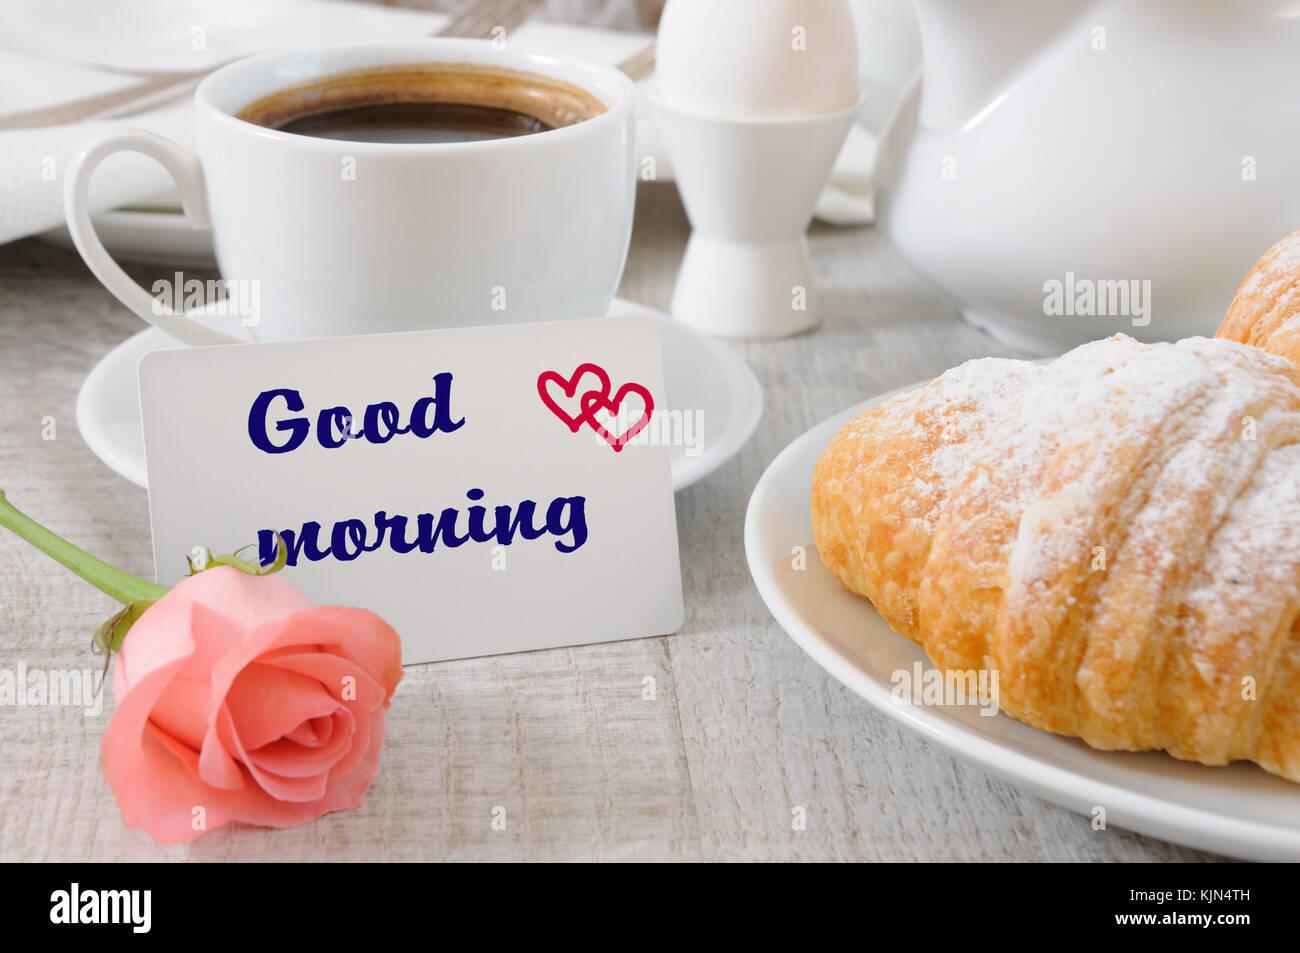 Außergewöhnlich Guten Morgen Frühstück Referenz Von Frühstück Mit Croissants Schokoladenfüllung Tasse Frischen Kaffee